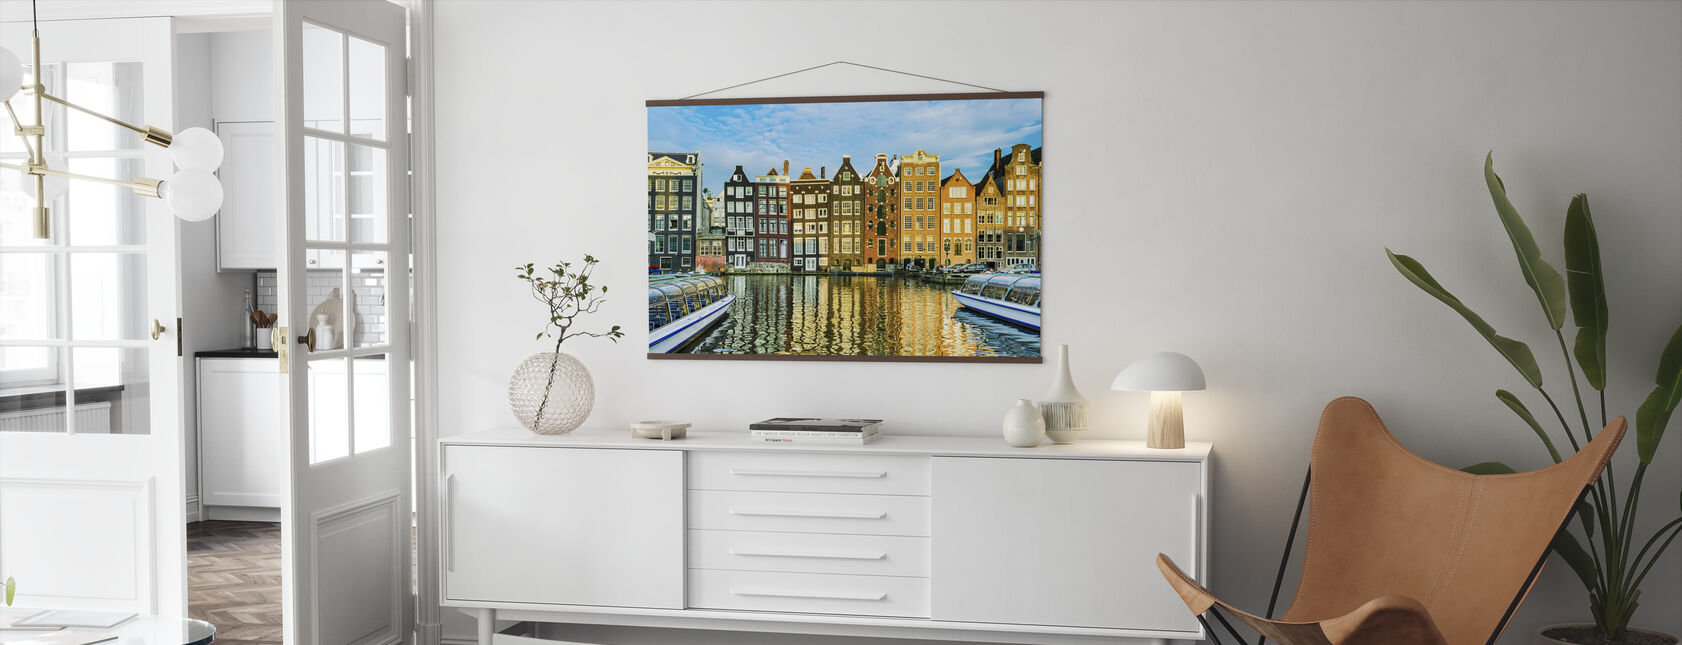 Tradisjonelle hus i Amsterdam, Nederland - Plakat - Stue